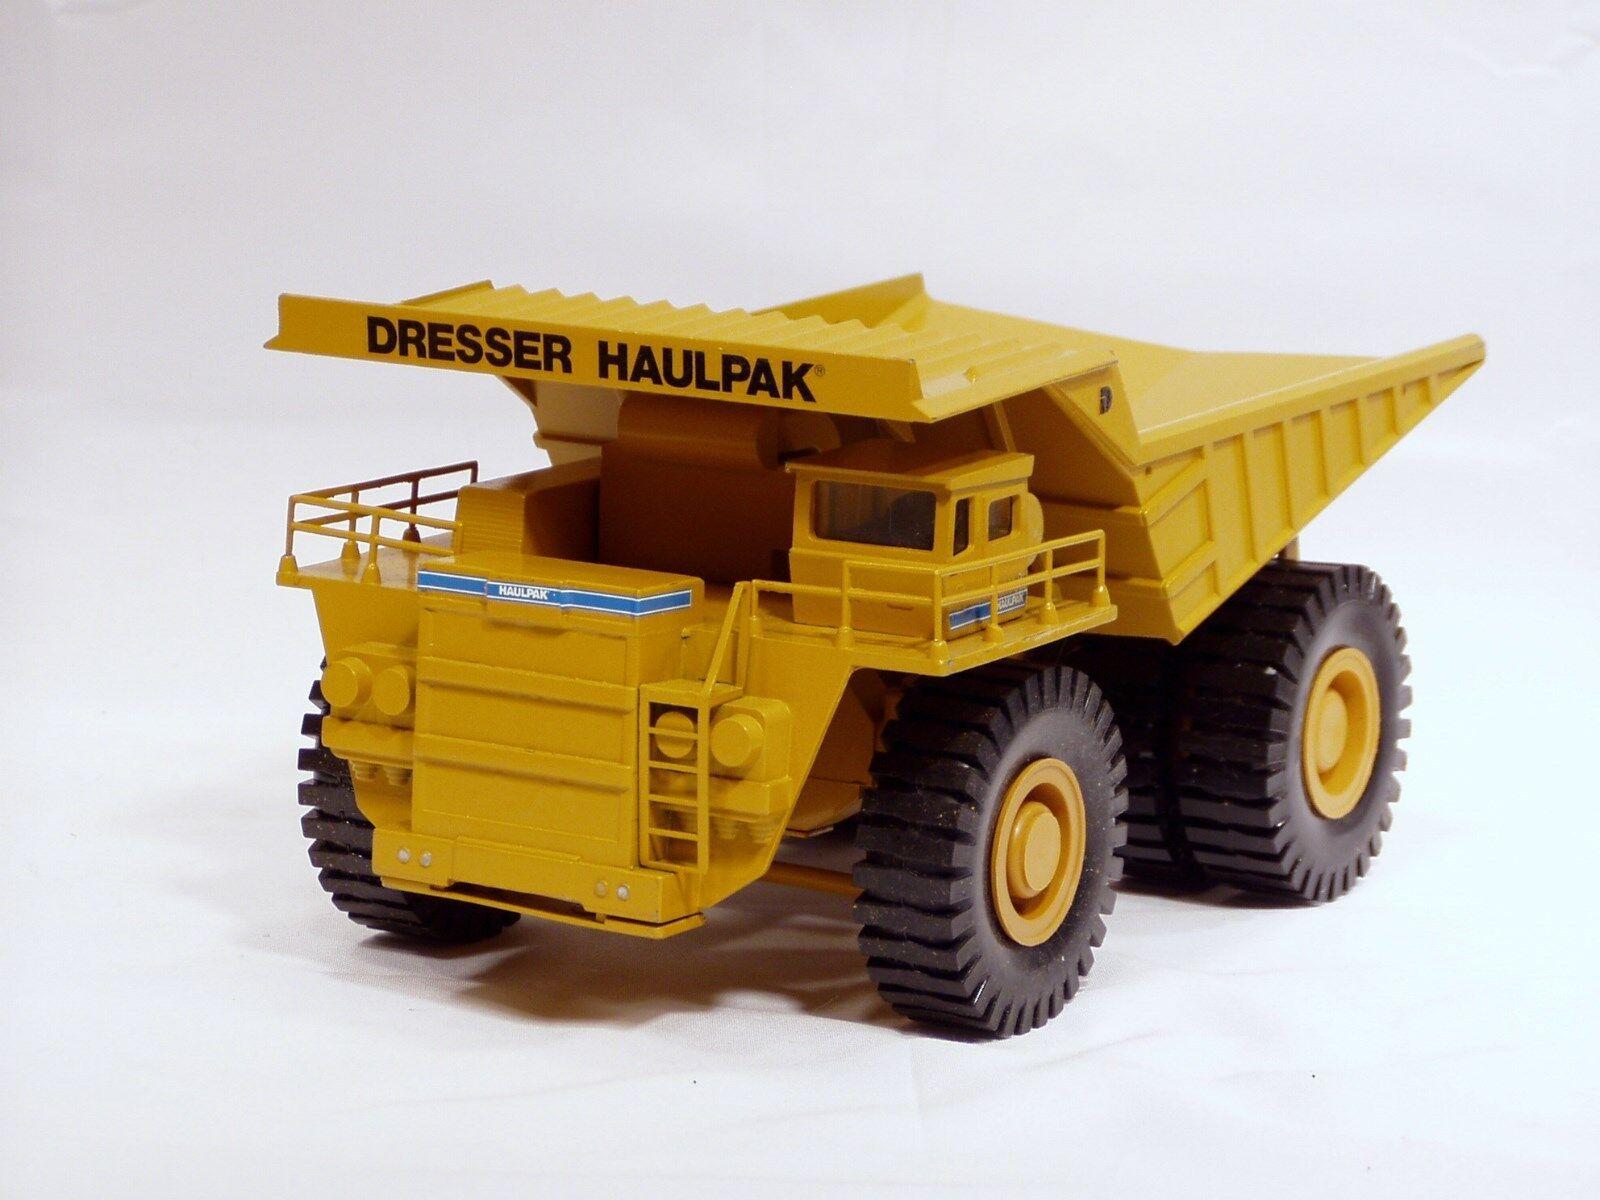 en promociones de estadios Dresser haulpak 830E Camión - 1 1 1 50 - Conrad  2720 - Sin Caja  apresurado a ver